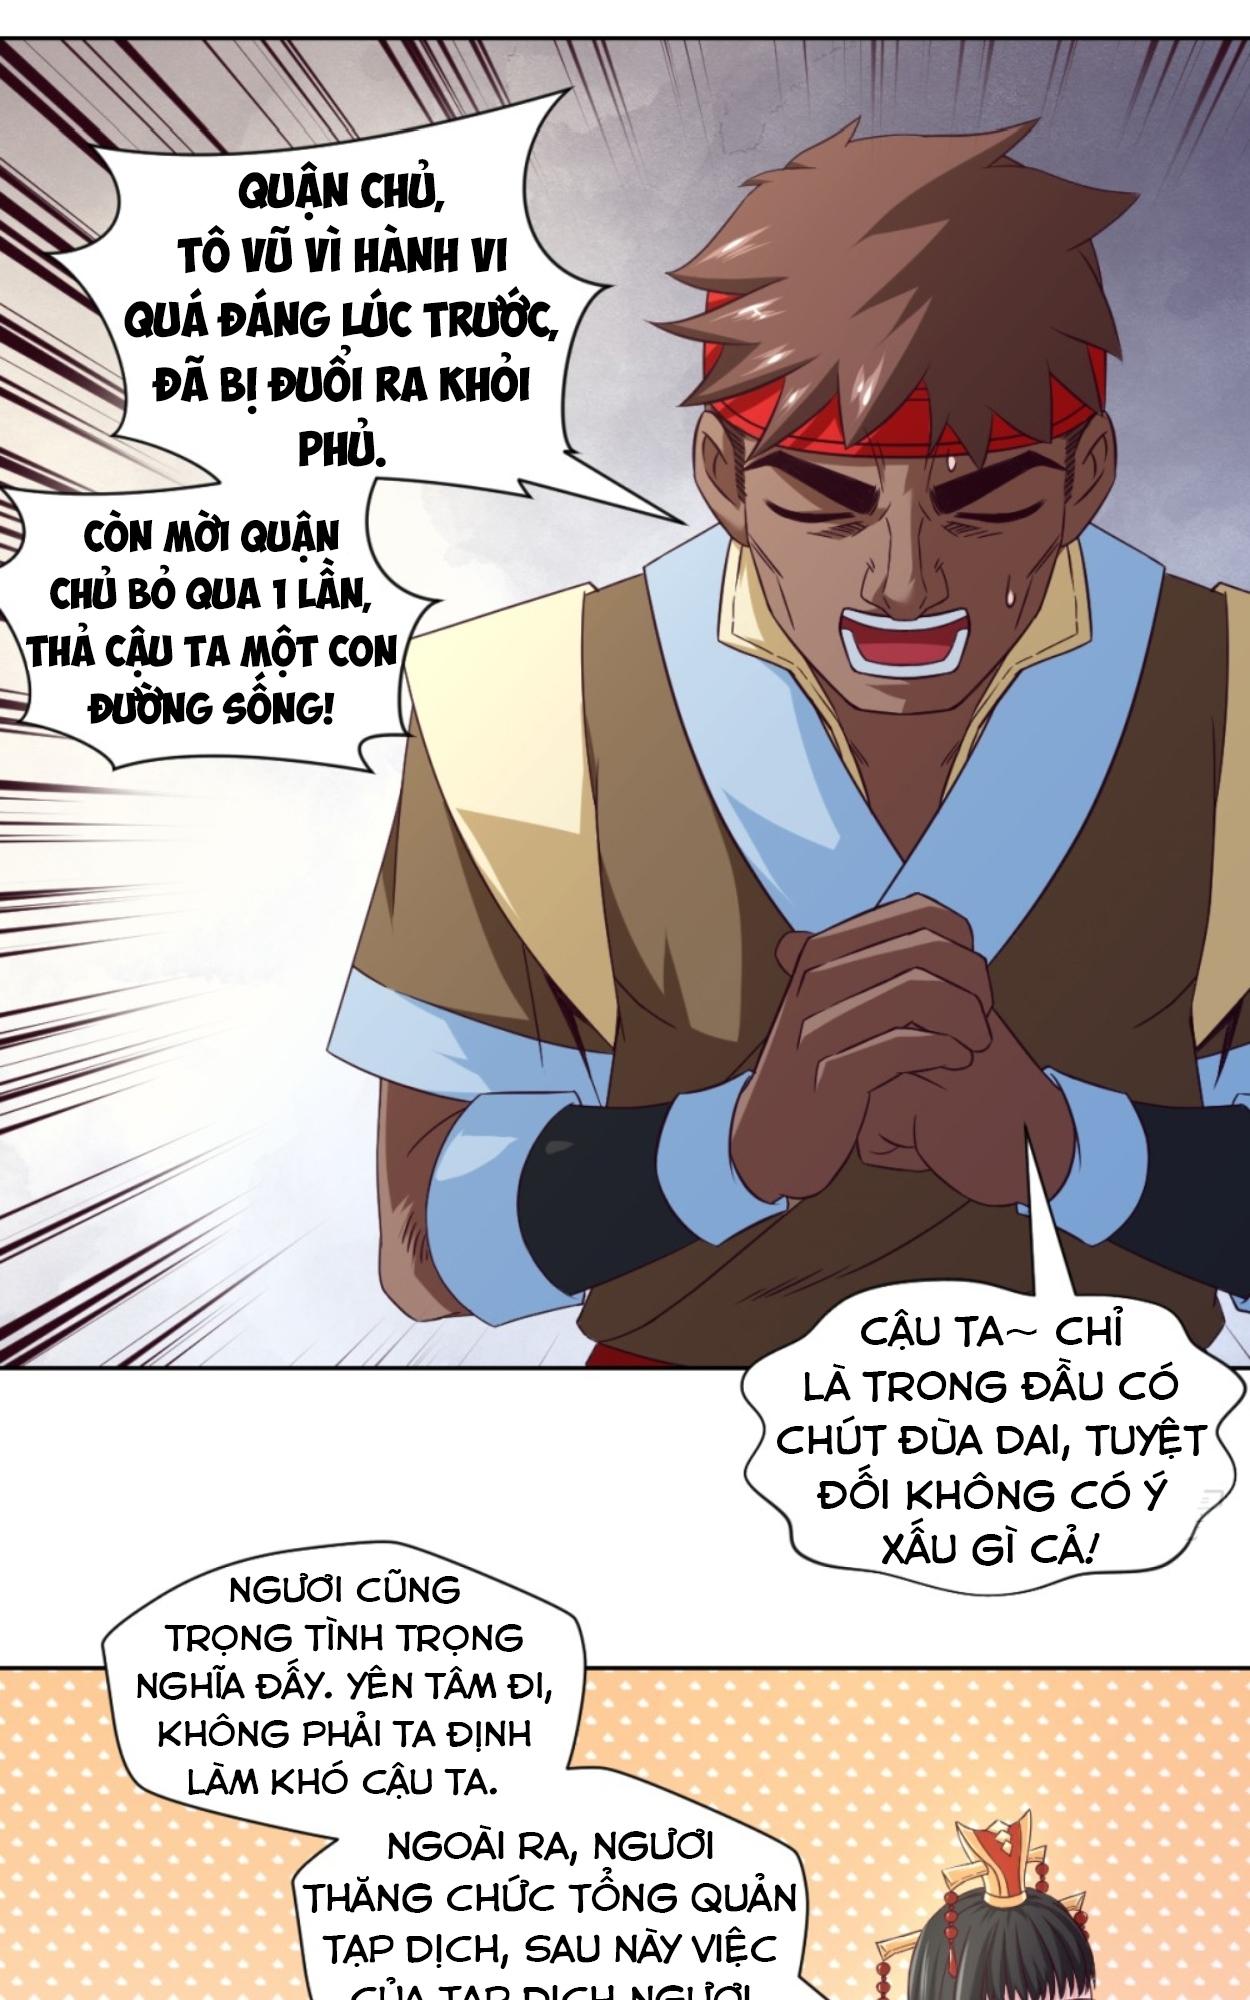 Chiếm Cái Đỉnh Núi Làm Đại Vương chap 16 - Trang 25